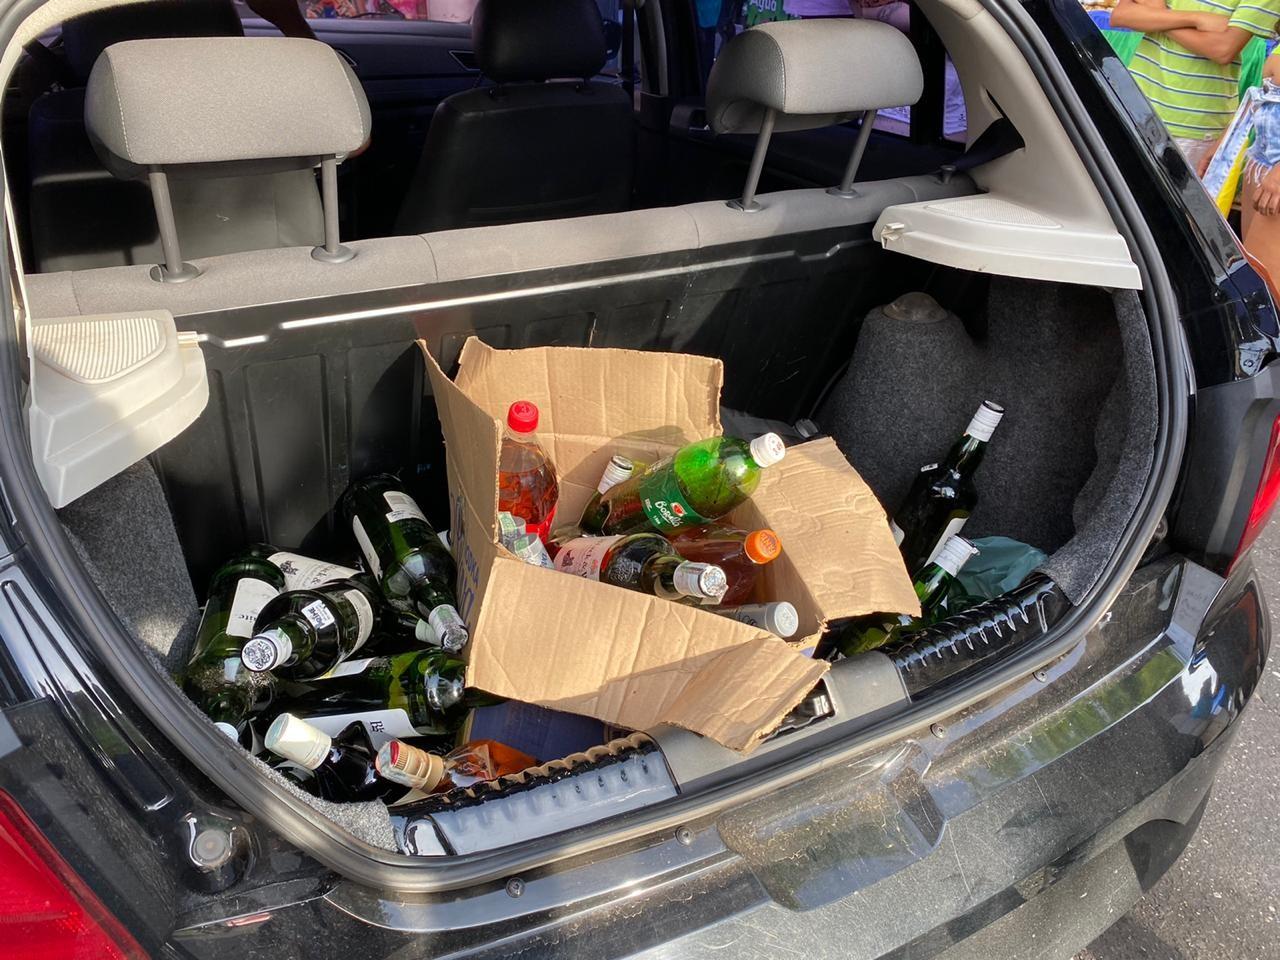 Homem é preso em flagrante suspeito de falsificar bebidas alcoólicas em bloco de carnaval no Piauí